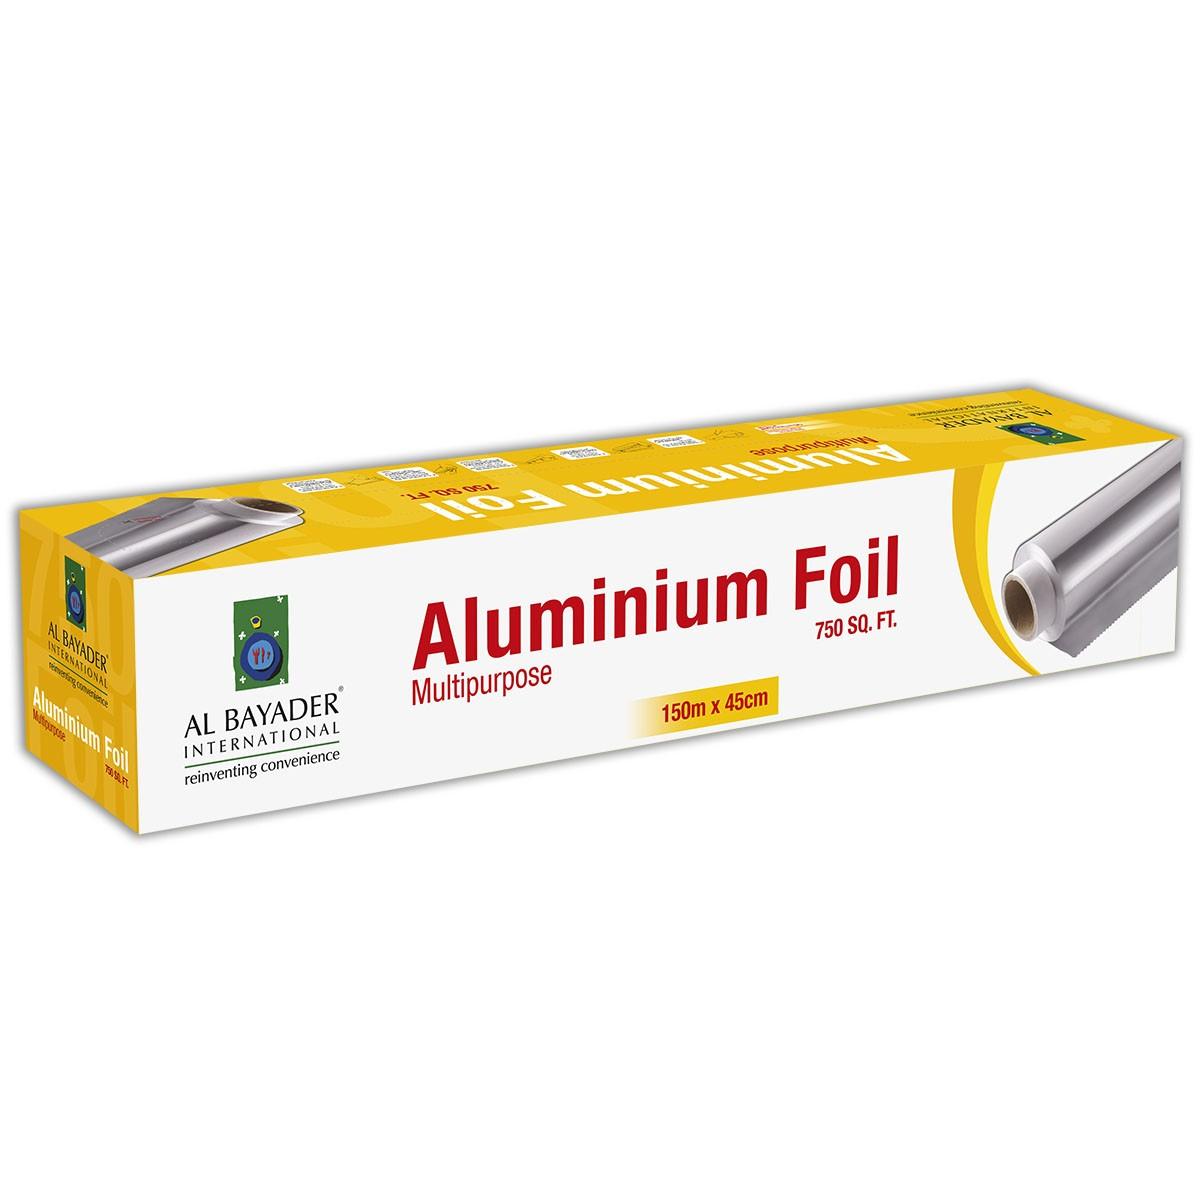 Aluminium Foil 45cmx150m - 14mic. | 6rls